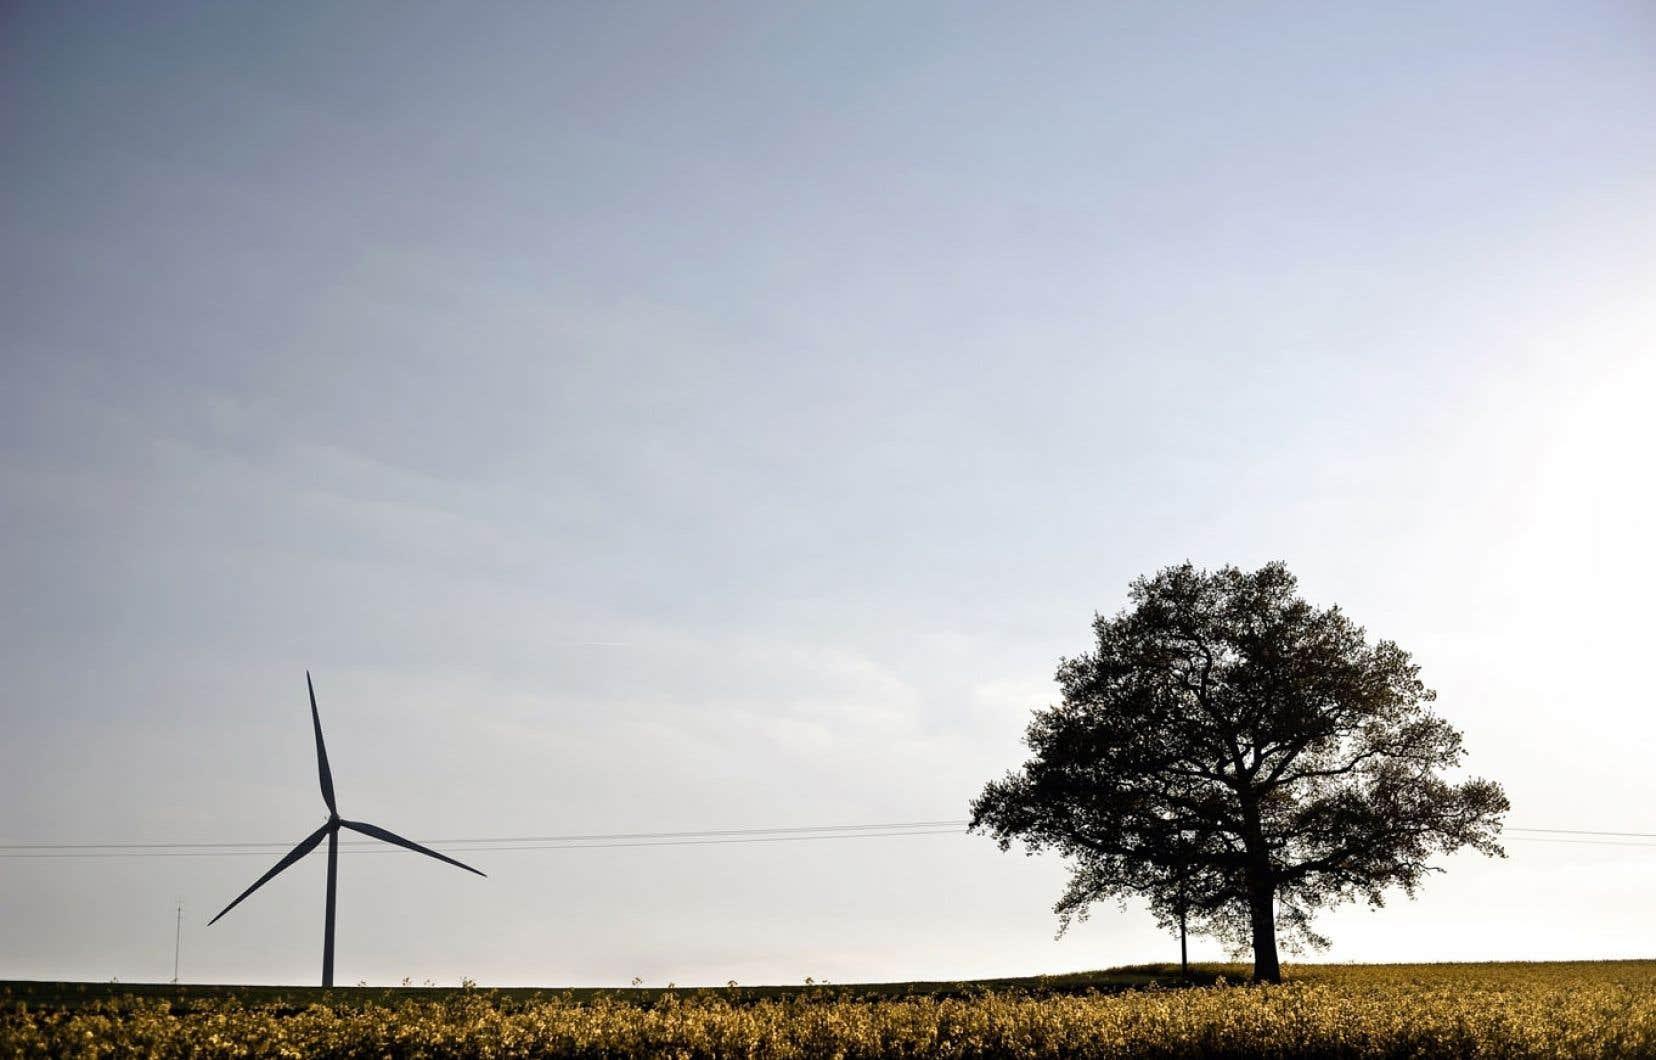 Encouragée par les grandes institutions économiques internationales, la fiscalité verte trouve déjà des exemples au Québec dans les redevances sur l'enfouissement des matières résiduelles ou la Bourse du carbone en voie d'instauration avec la Californie.